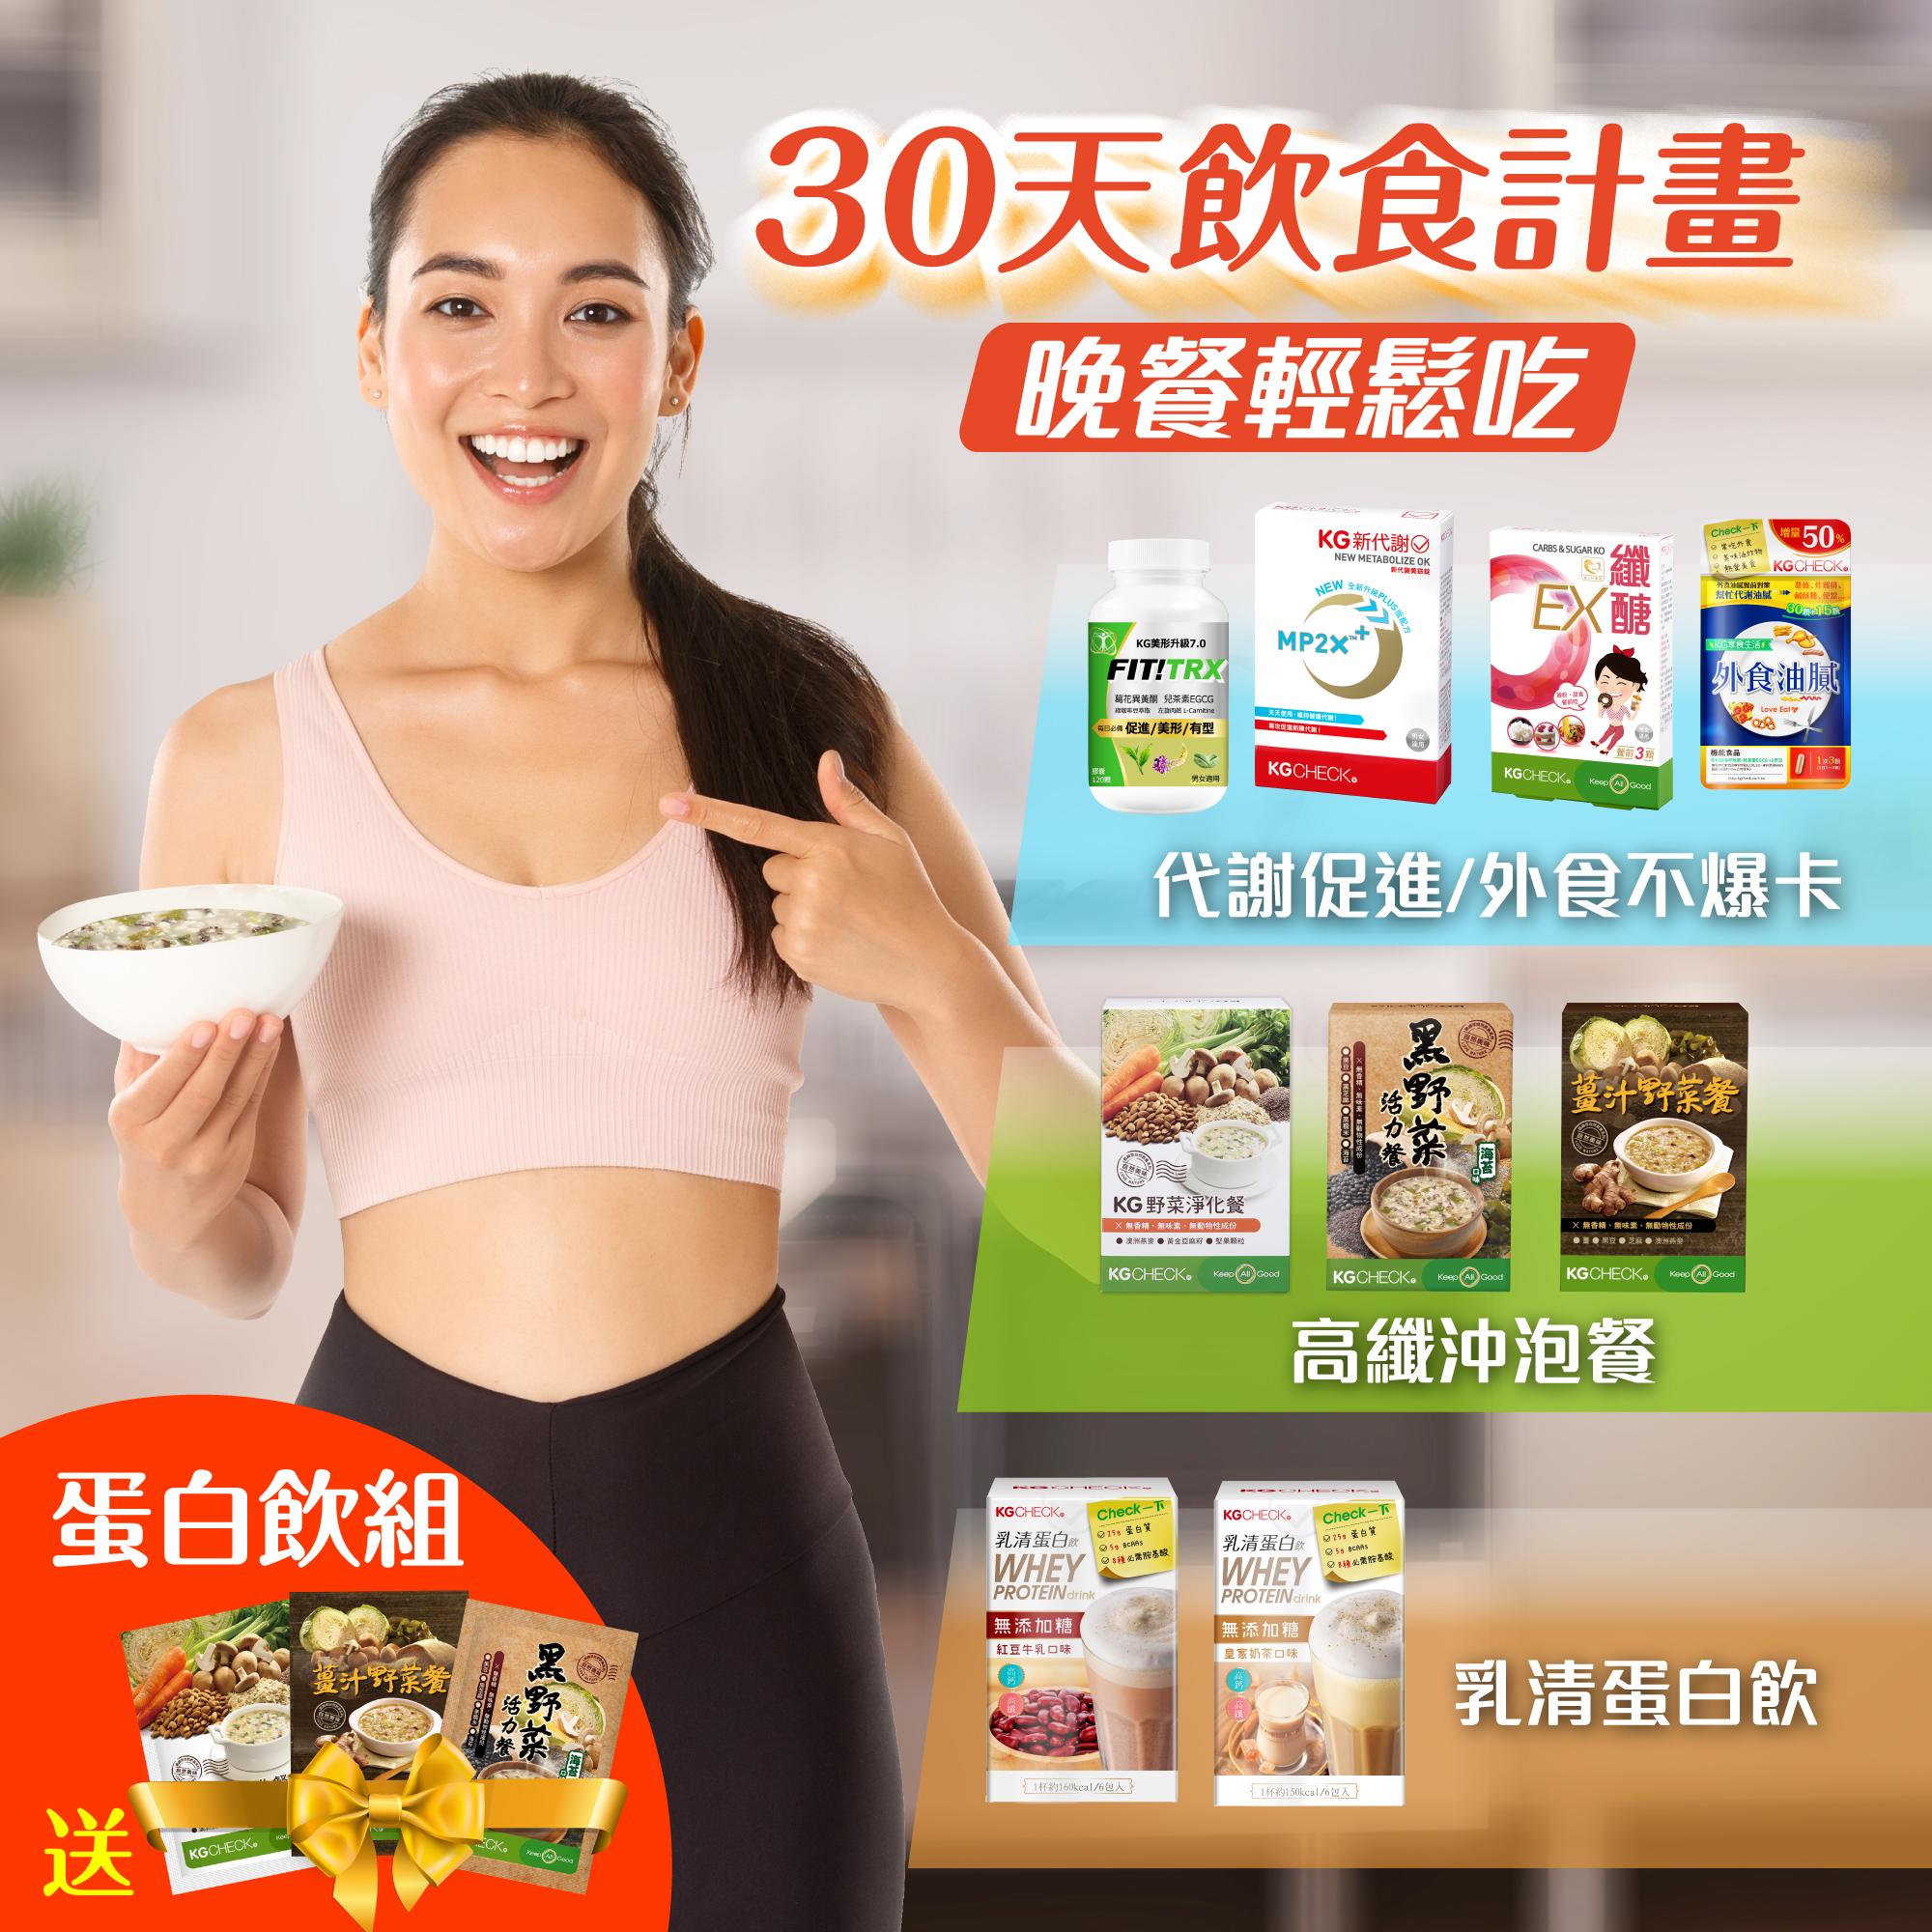 【蛋白飲組】30天飲食計畫